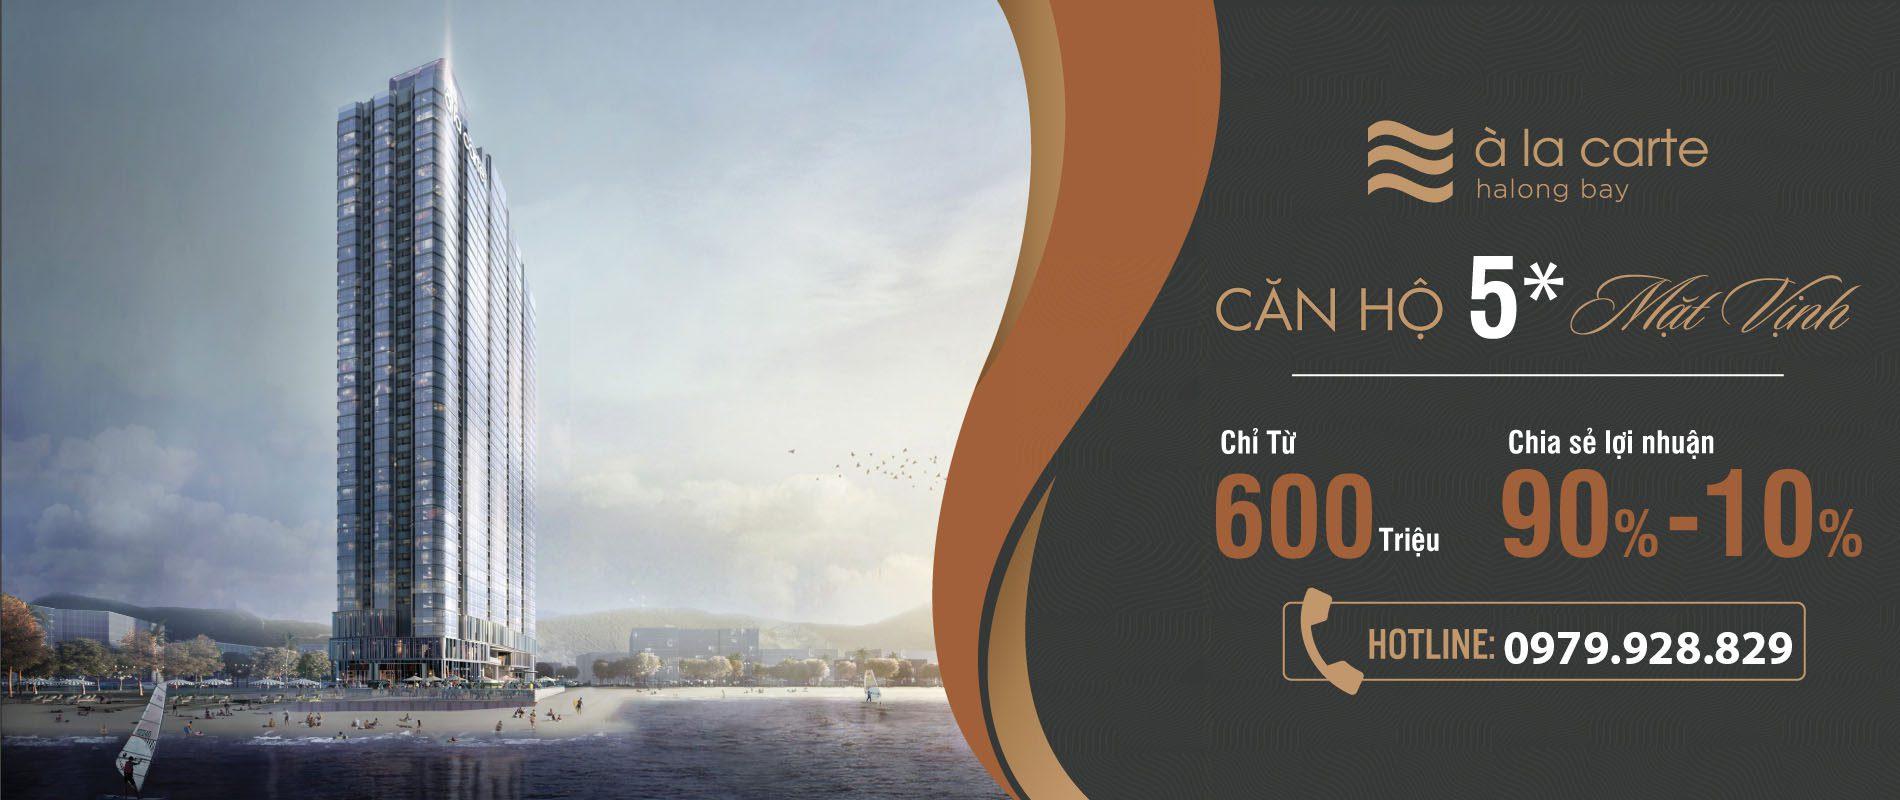 du-an-a-la-carte-ha-long-banner_1900x800